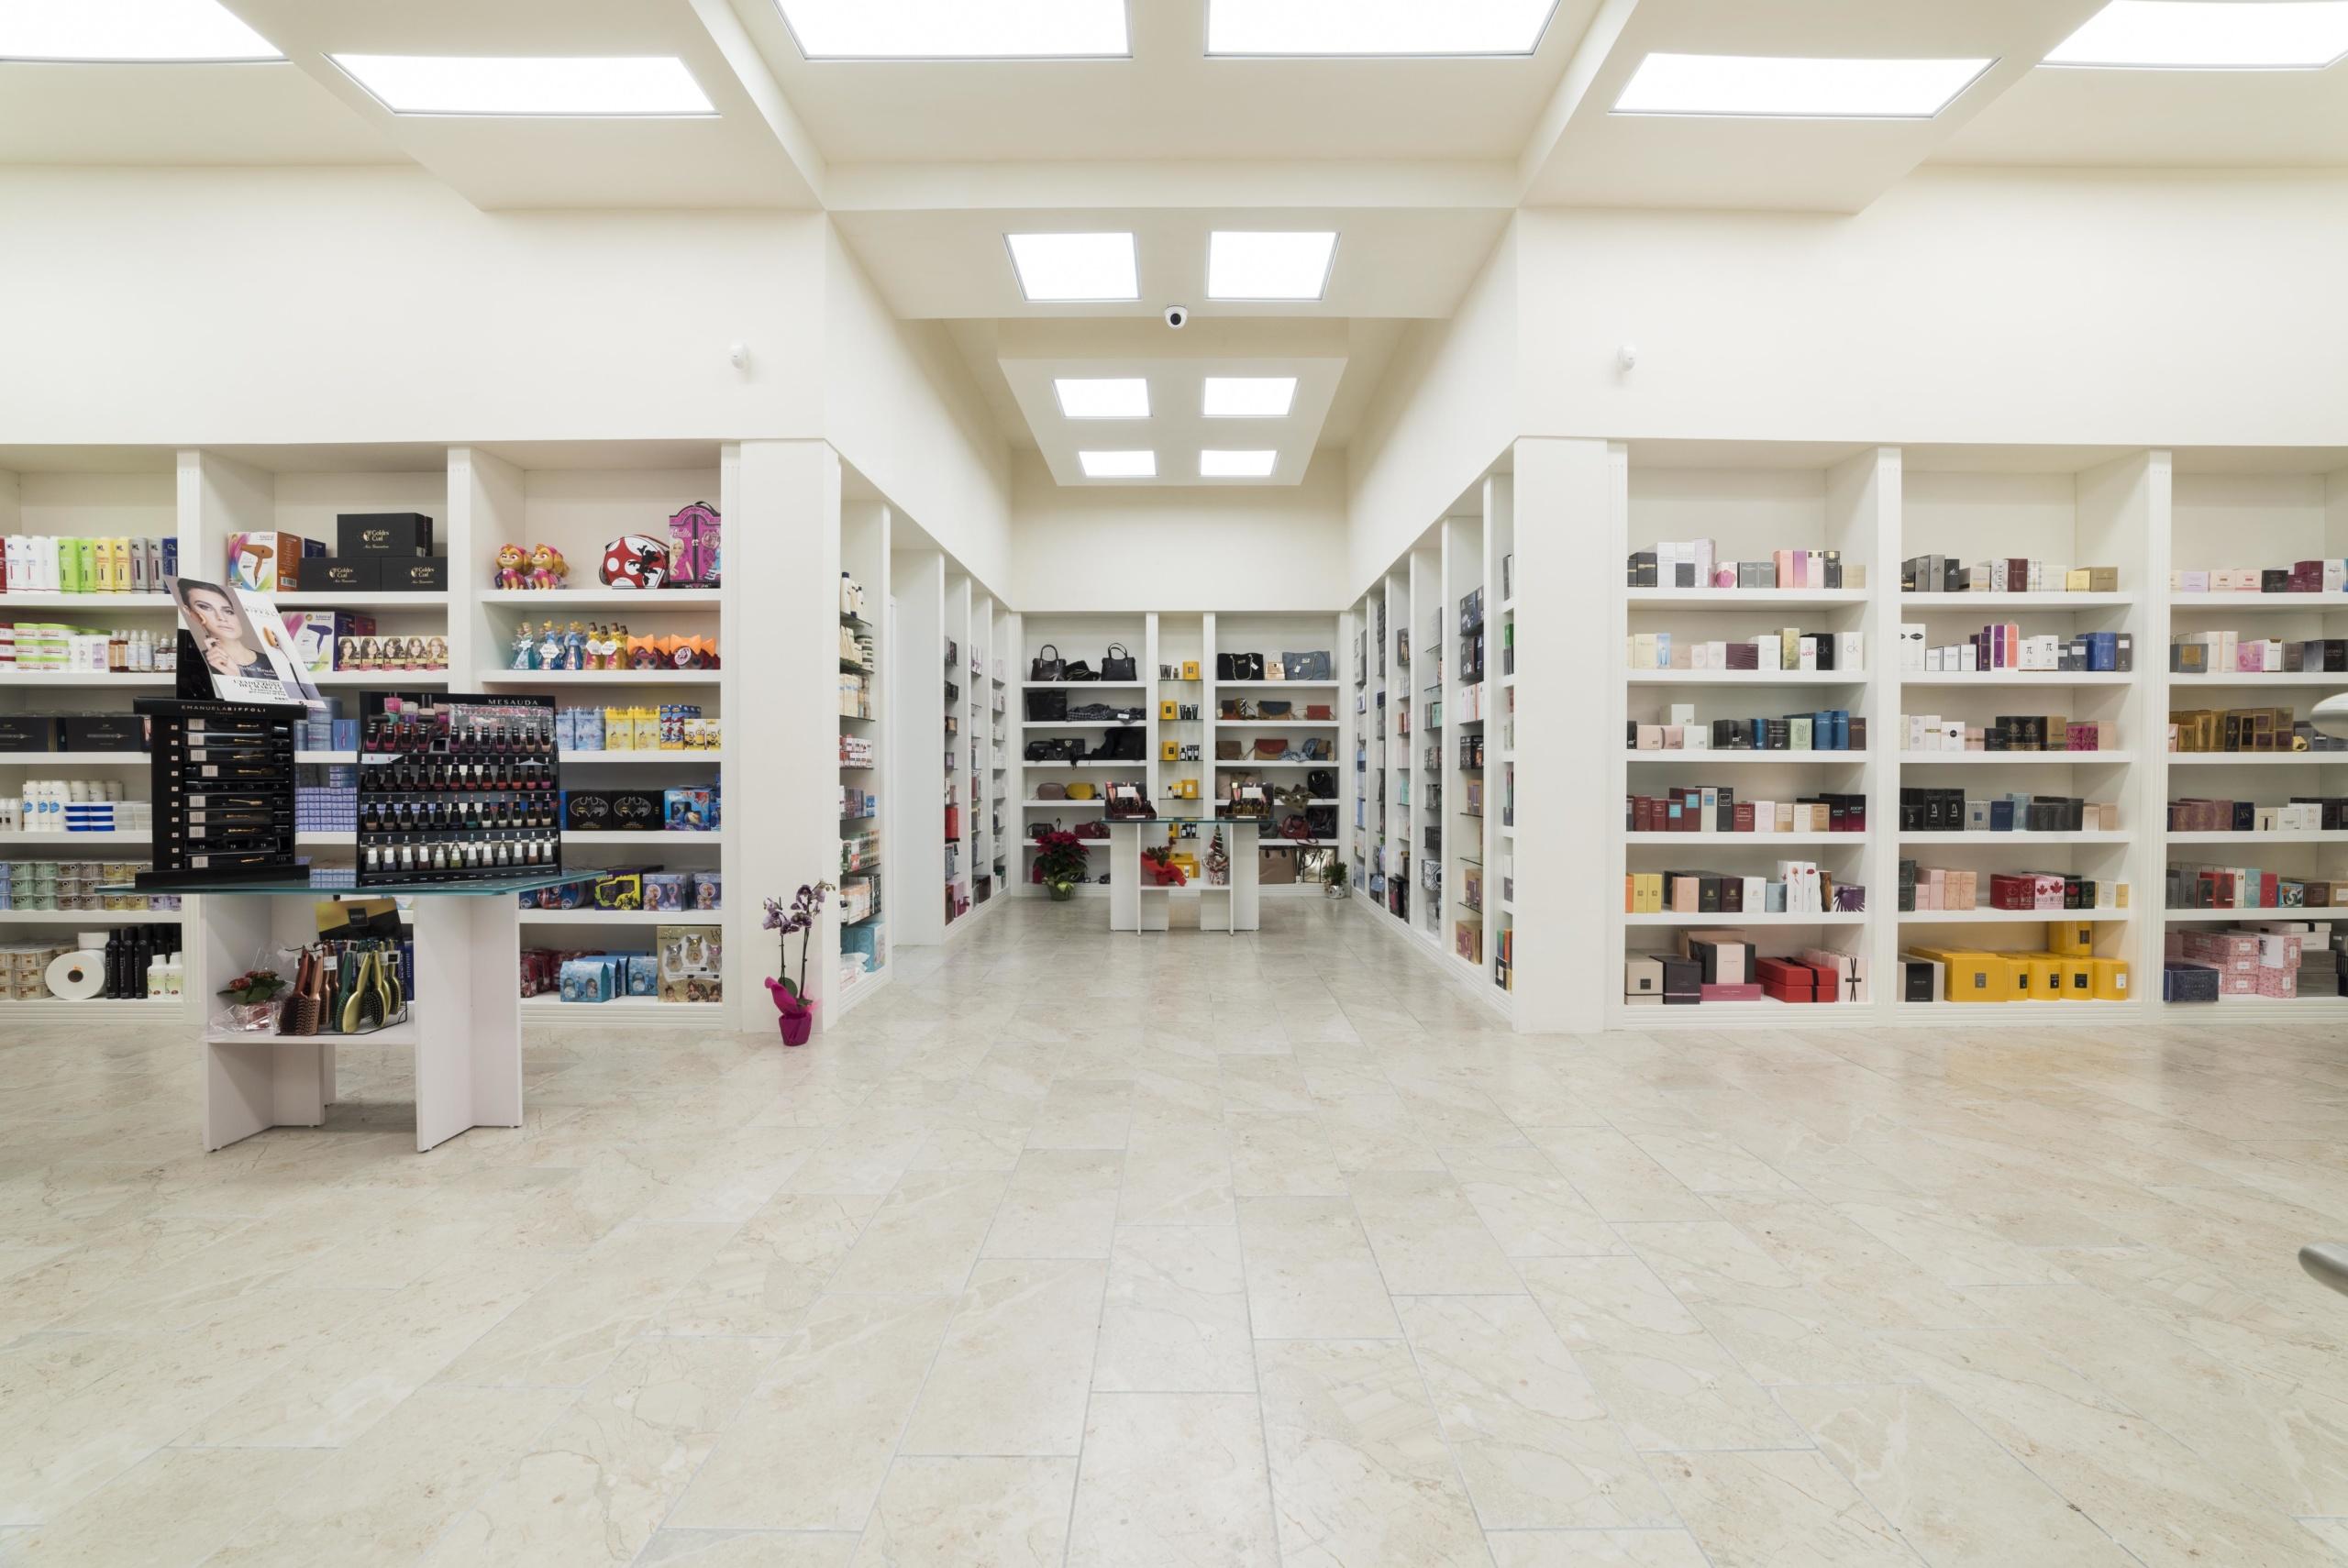 Fotografo Cava Dei Tirreni servizio fotografico di interni per negozio di profumeria